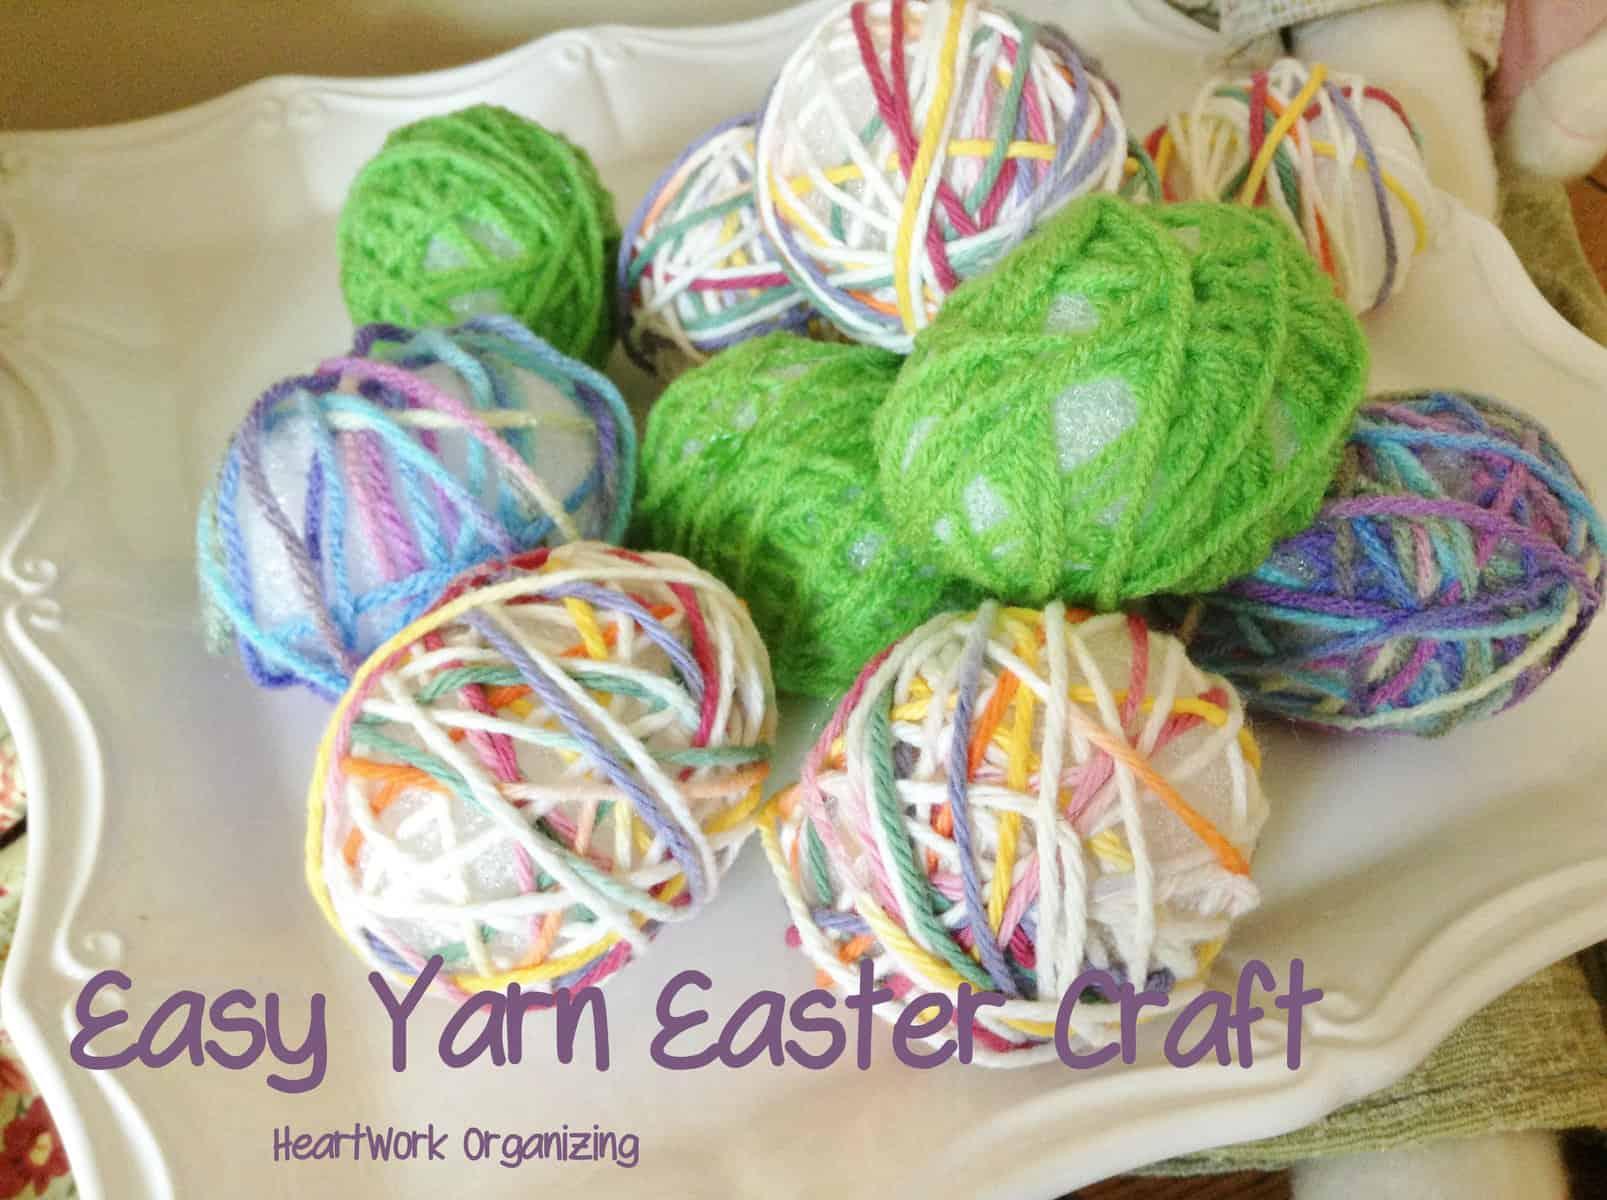 Easy Yarn Easter Craft